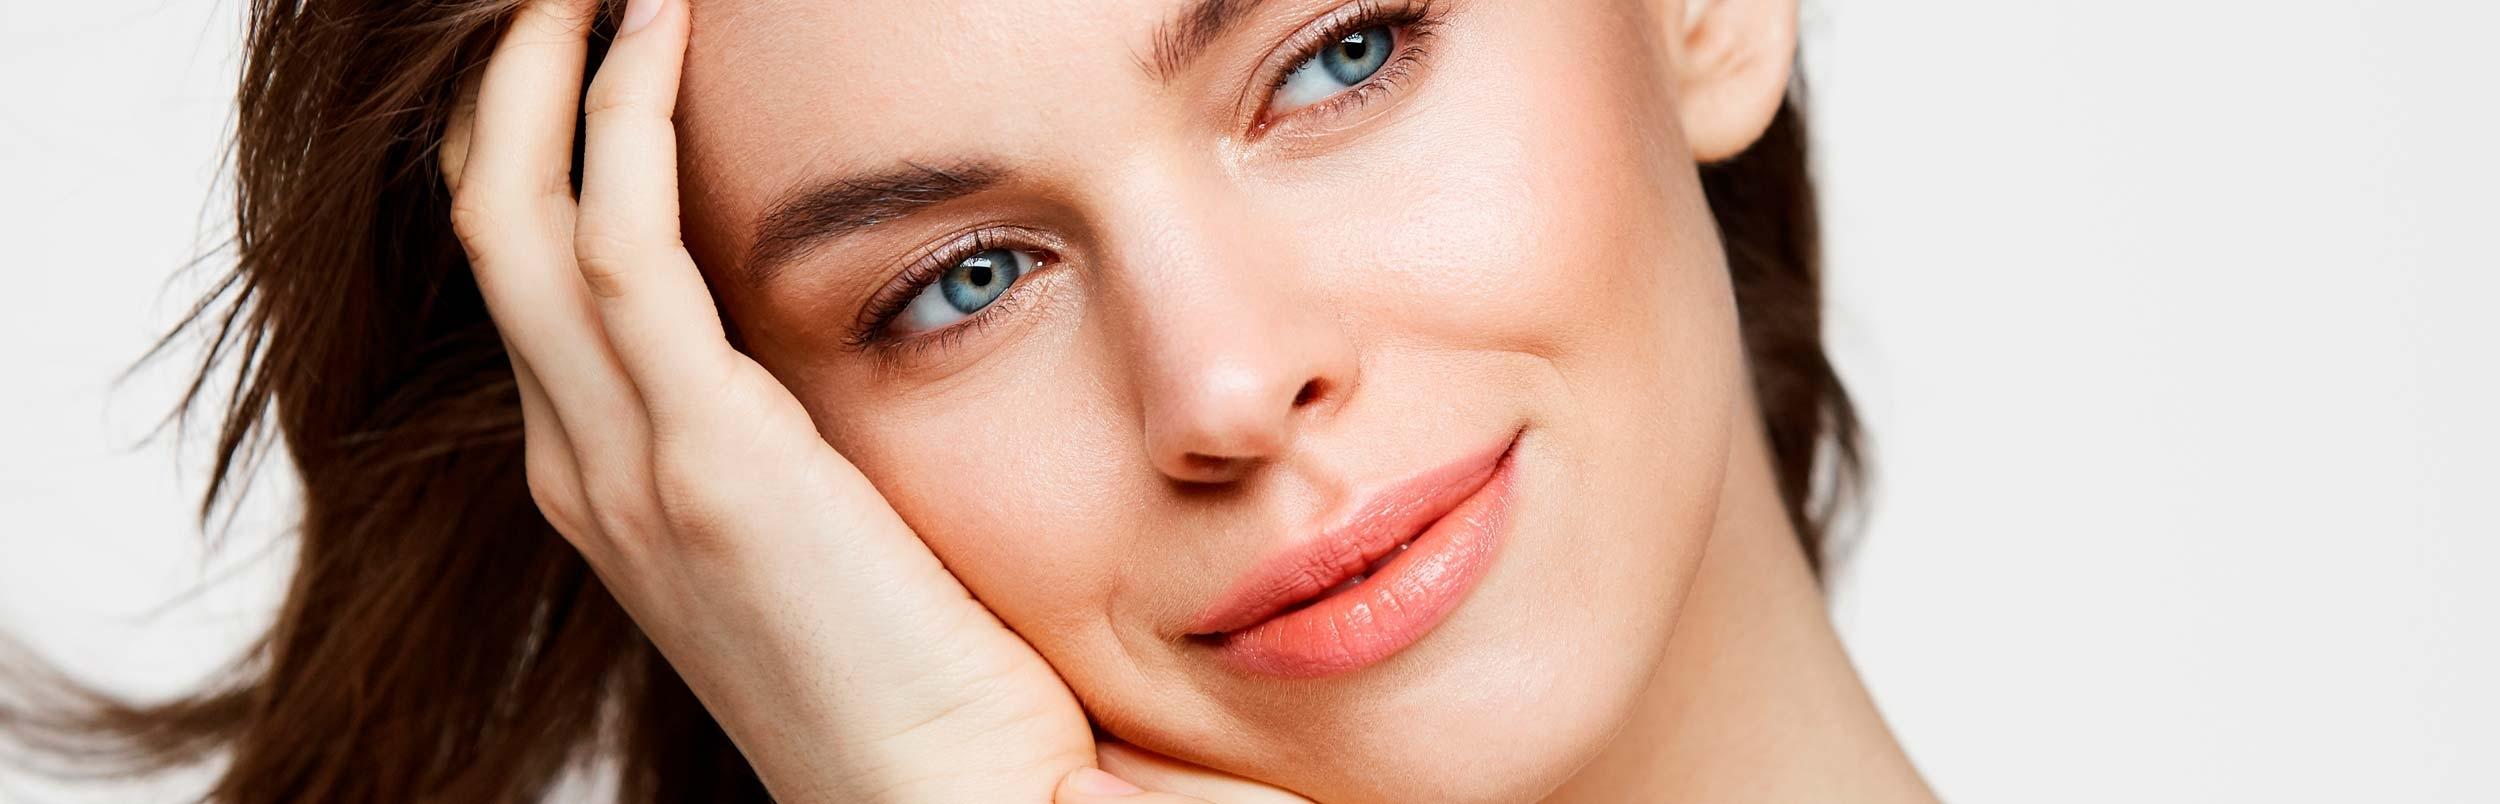 Matter Teint – ZO® Skin Health Exfoliating Produkte